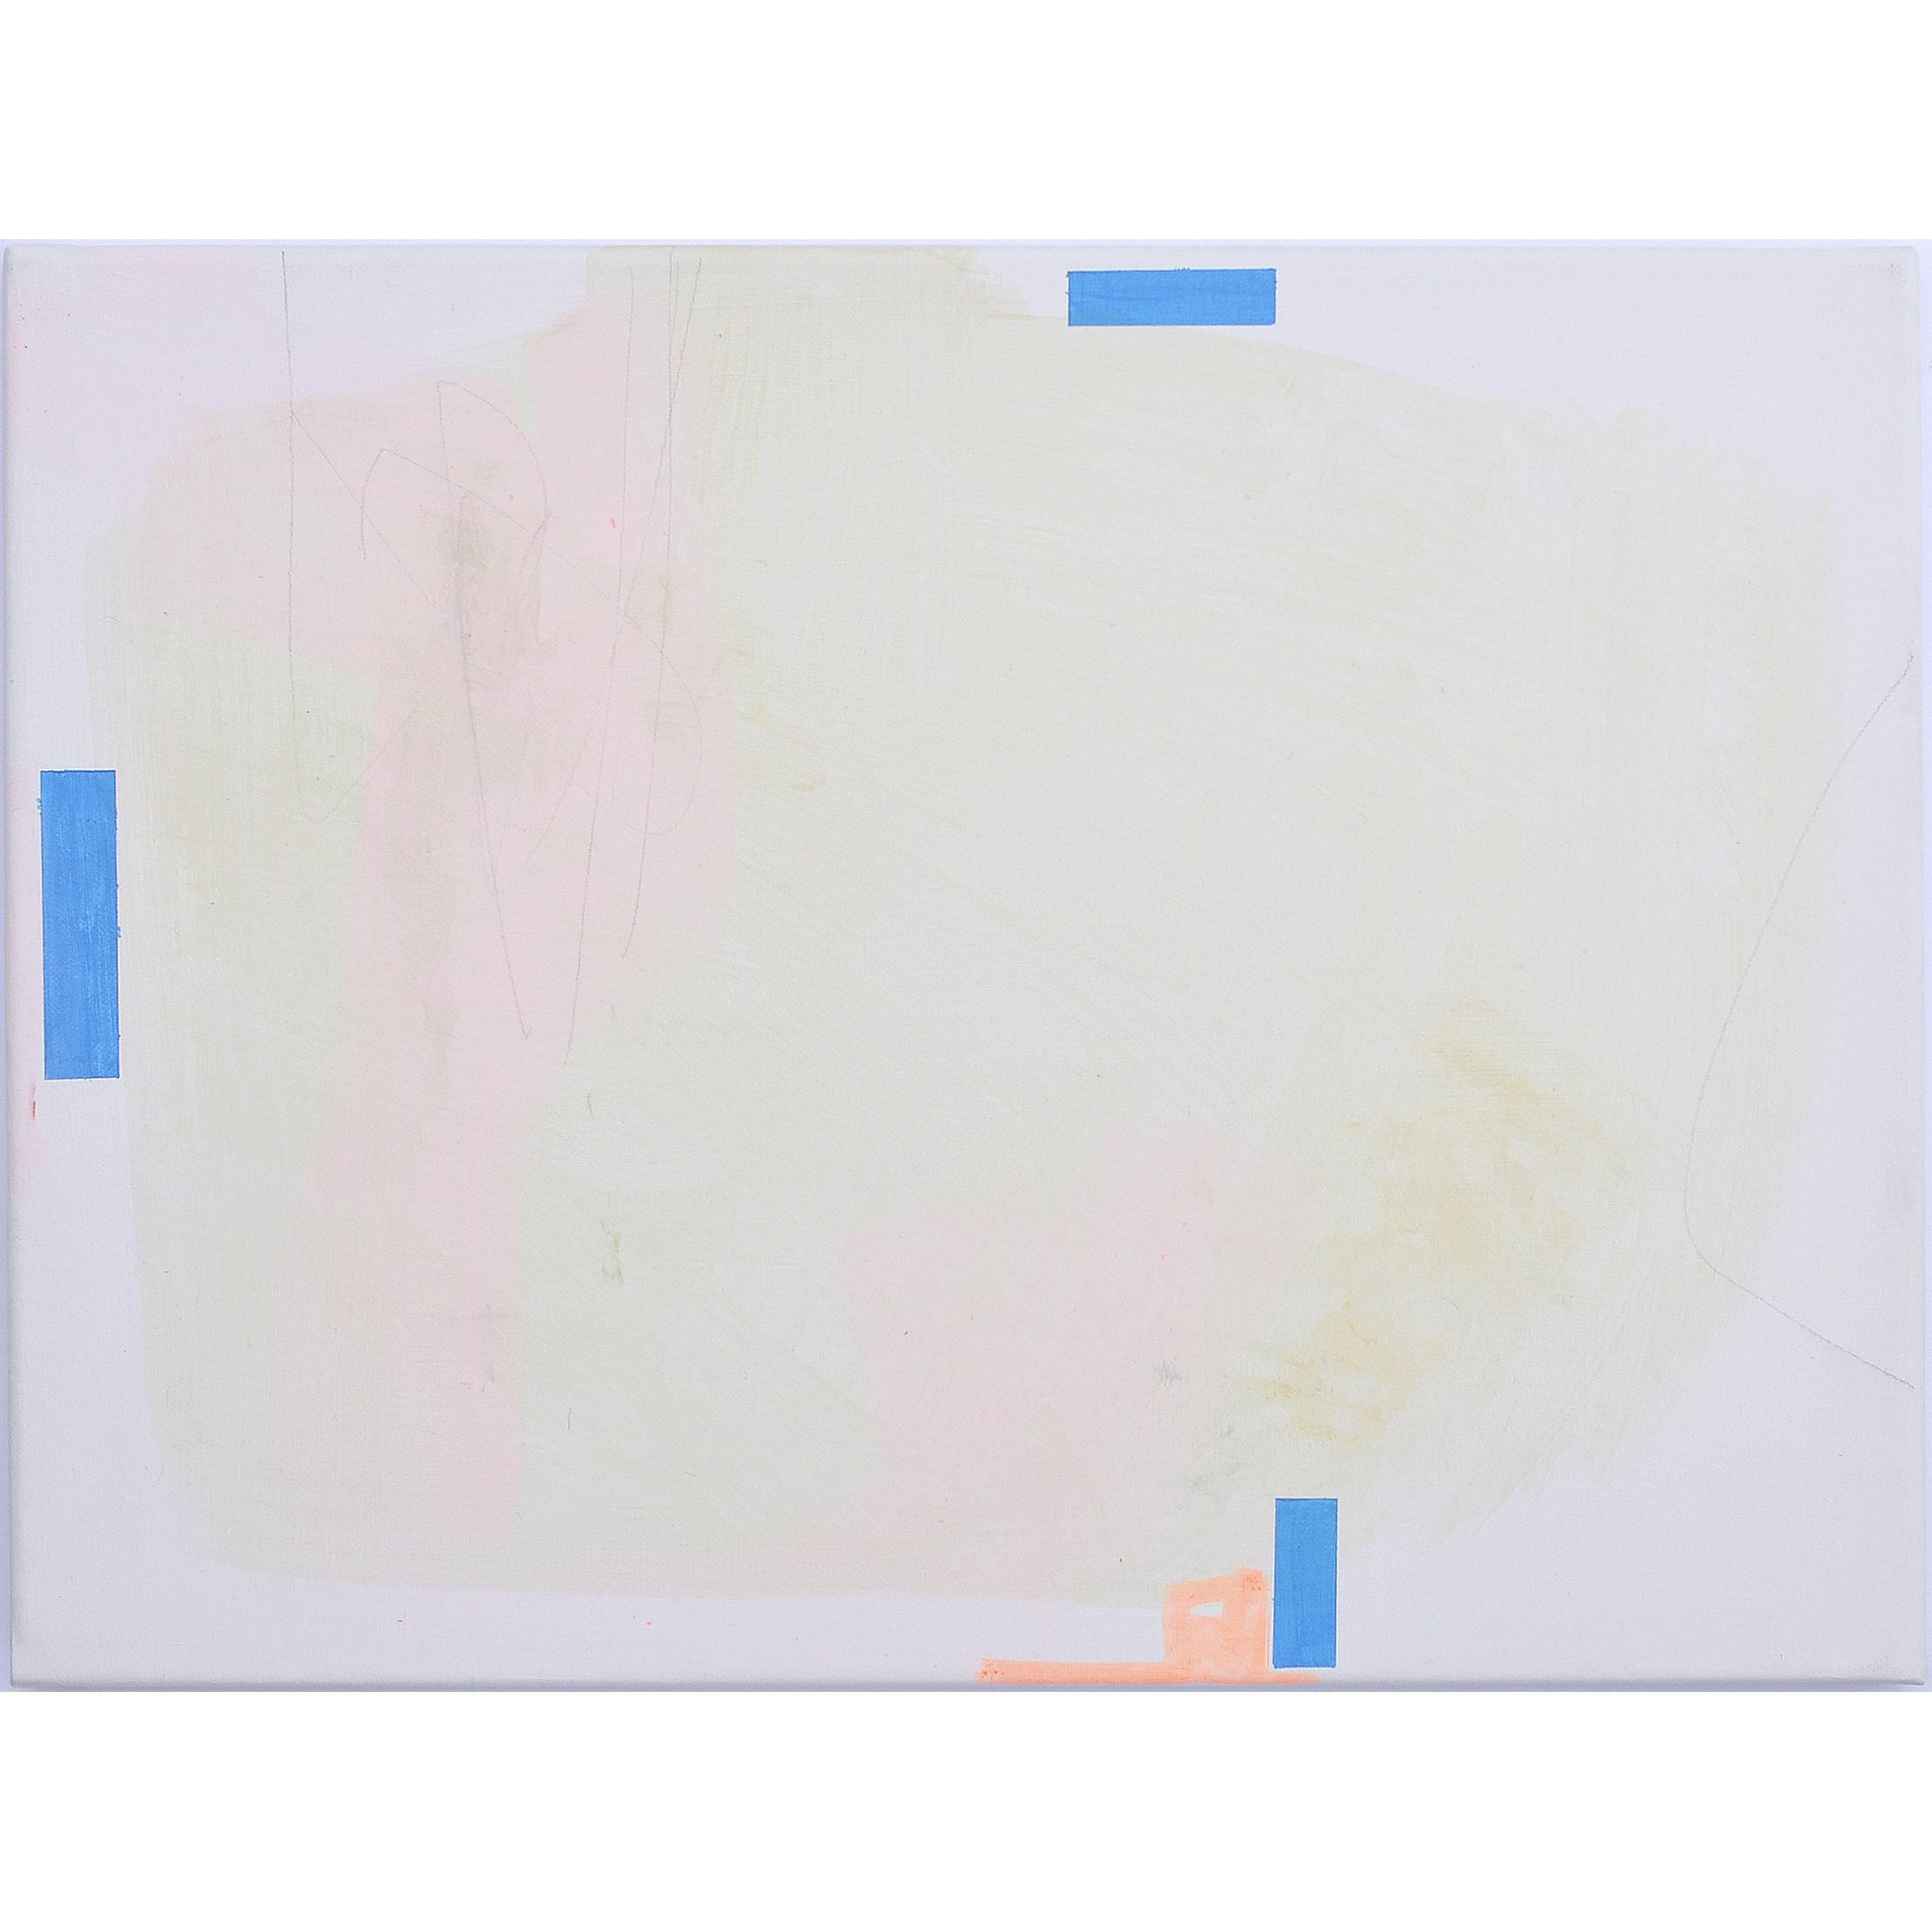 Acrylic on canvas, 2018  40 x 30 cms